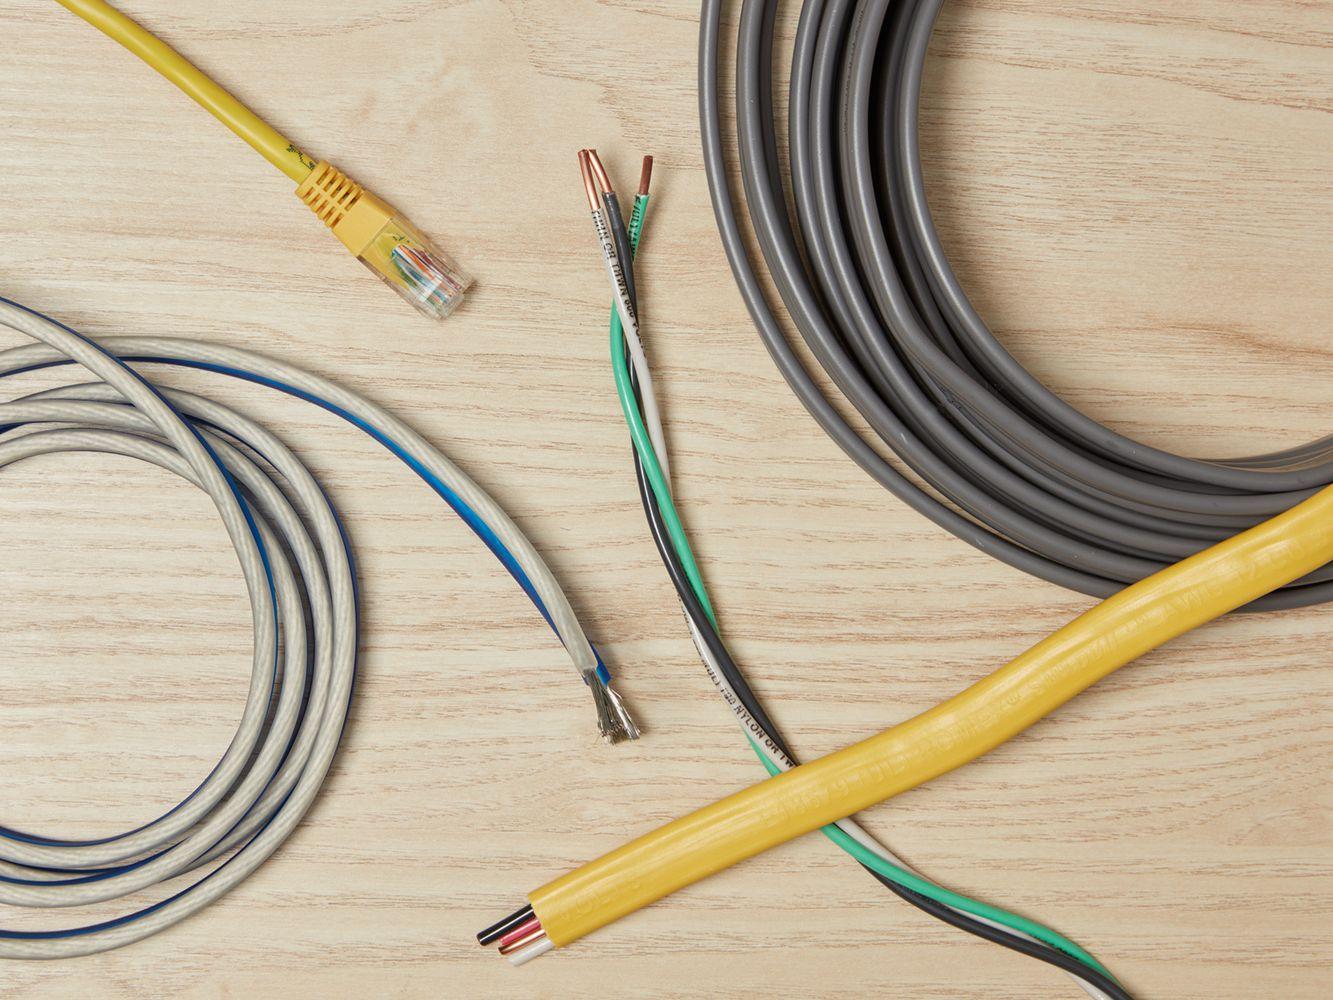 Виды кабельно-проводниковой продукции